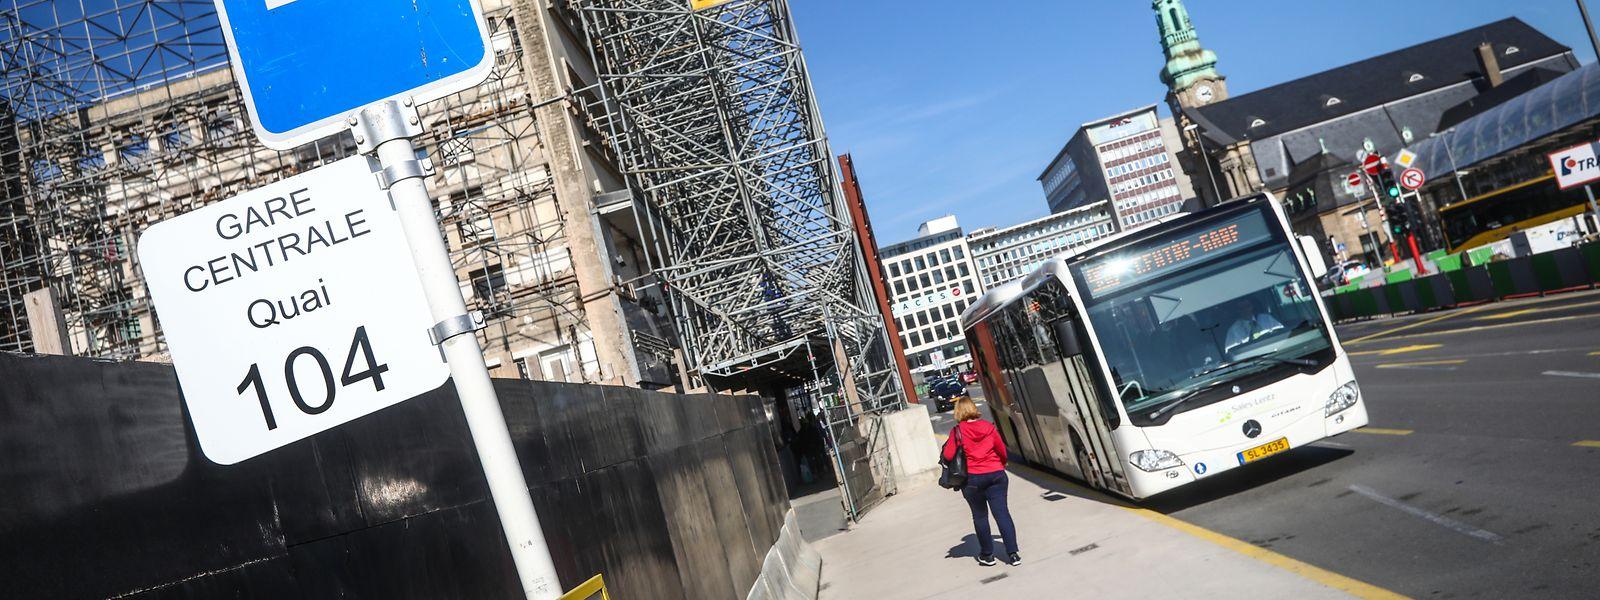 A l'approche de la gare, le chantier du tram va totalement redessiner la carte routière et l'emplacement des arrêts.